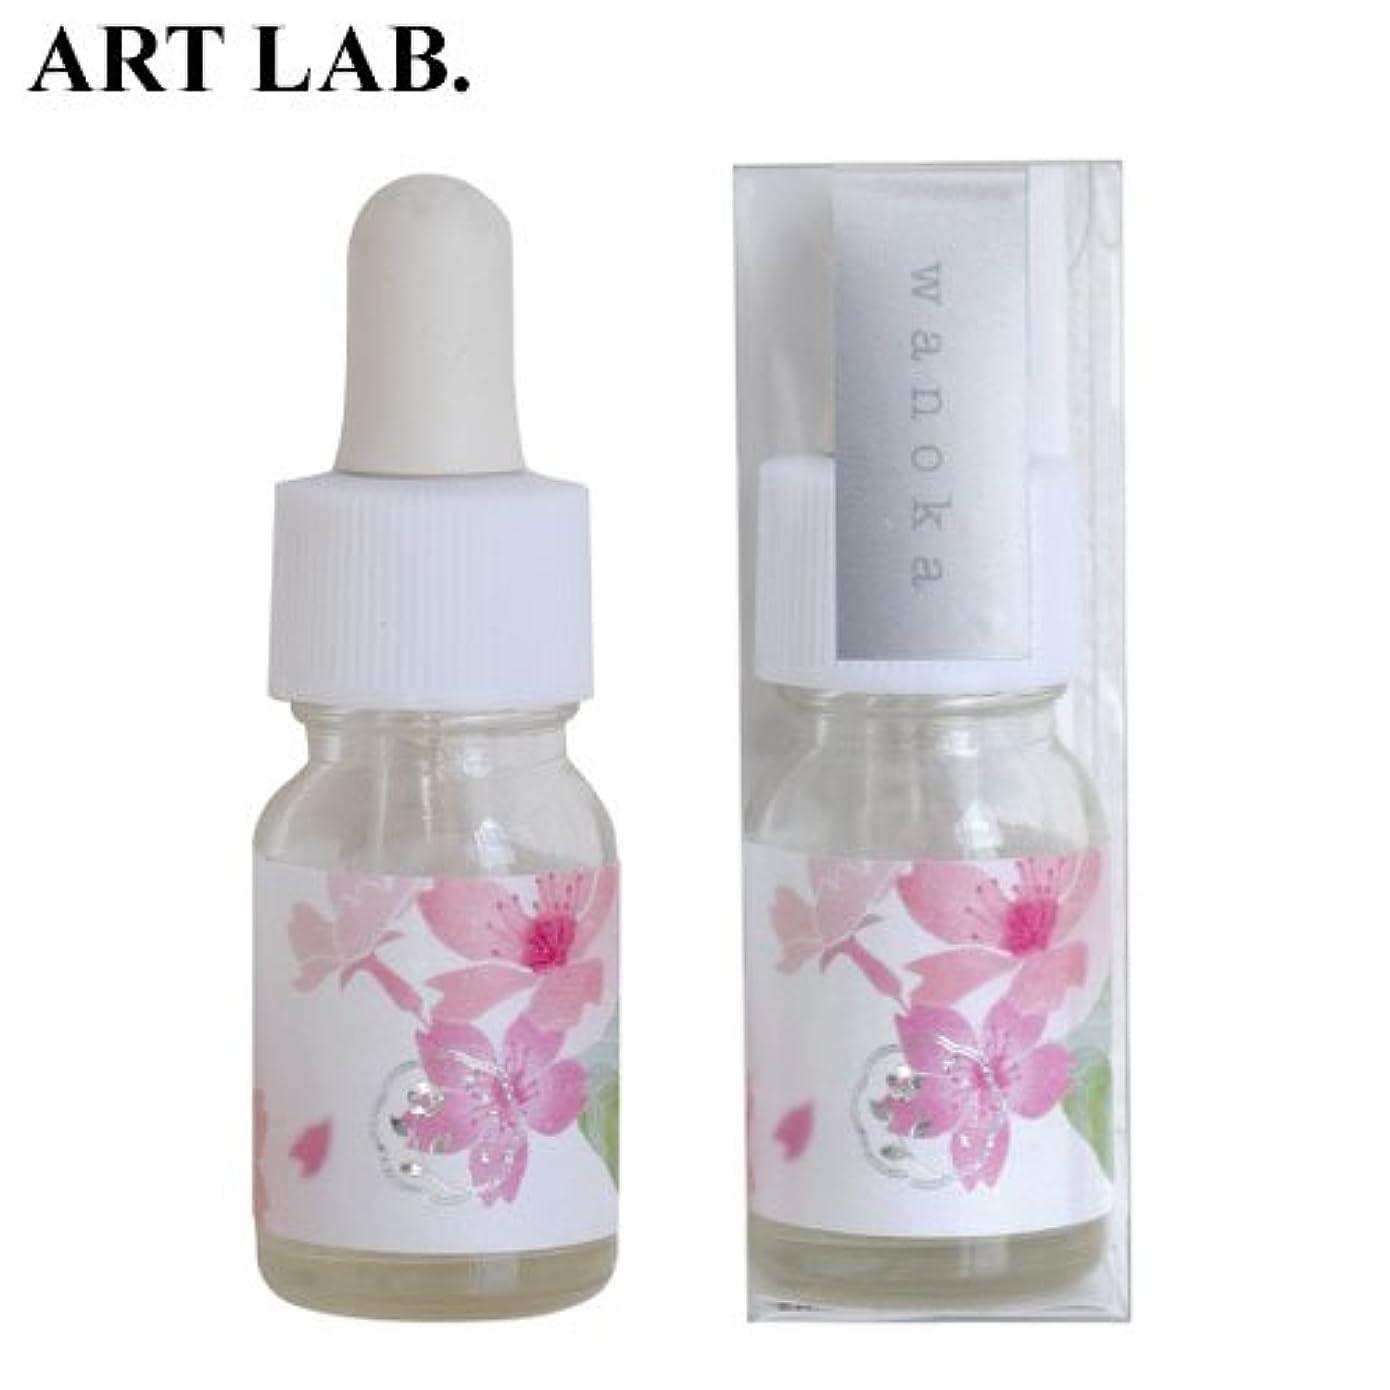 なんとなく遺産路面電車wanoka香油アロマオイル桜《桜をイメージした甘い香り》ART LABAromatic oil